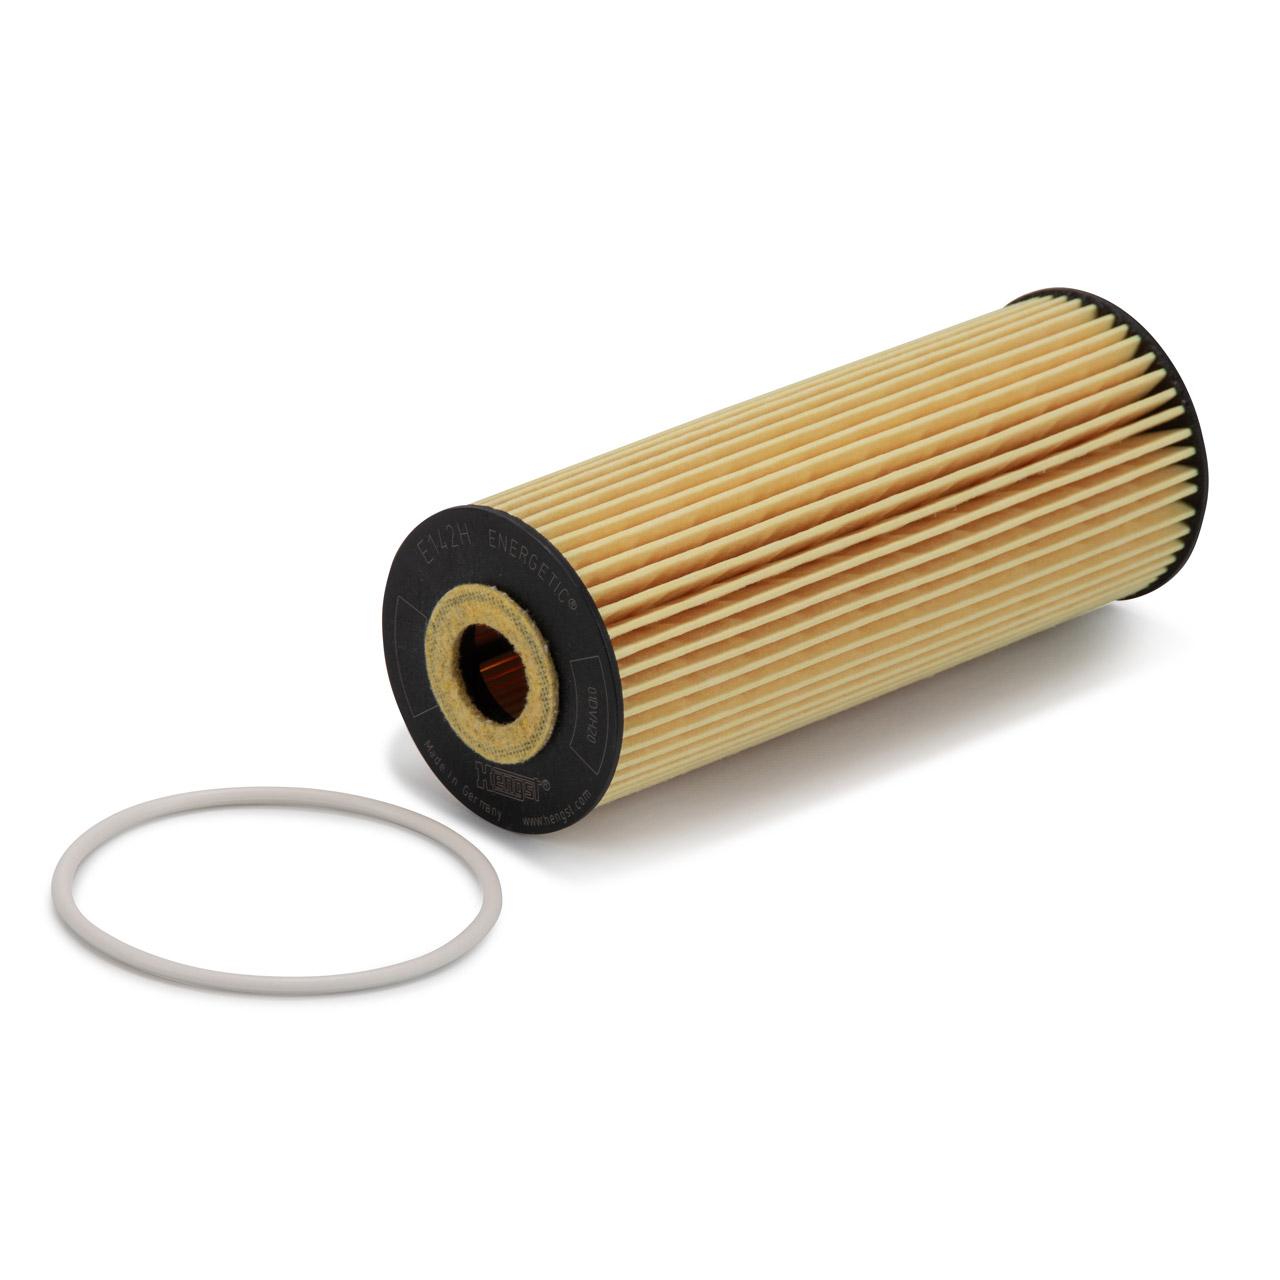 Inspektionskit Filterpaket Filterset für Mercedes W202 C180-36AMG C208 200 230